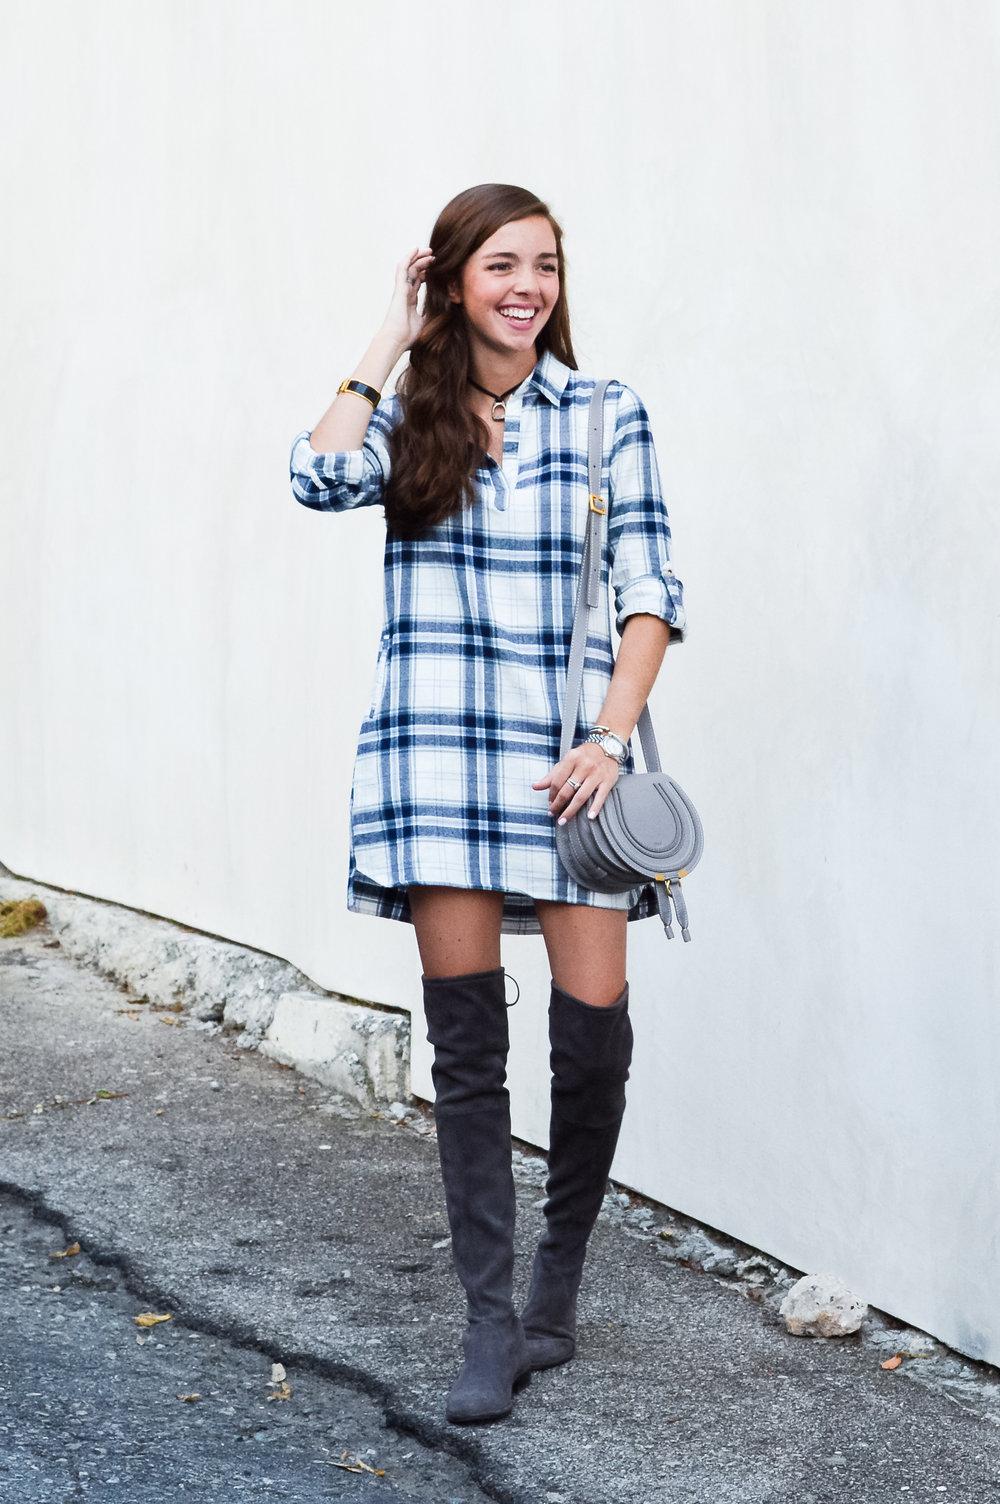 fashion blogger lcb style velvet heart harvest jewels stuart weitzman lowland (26 of 33).jpg